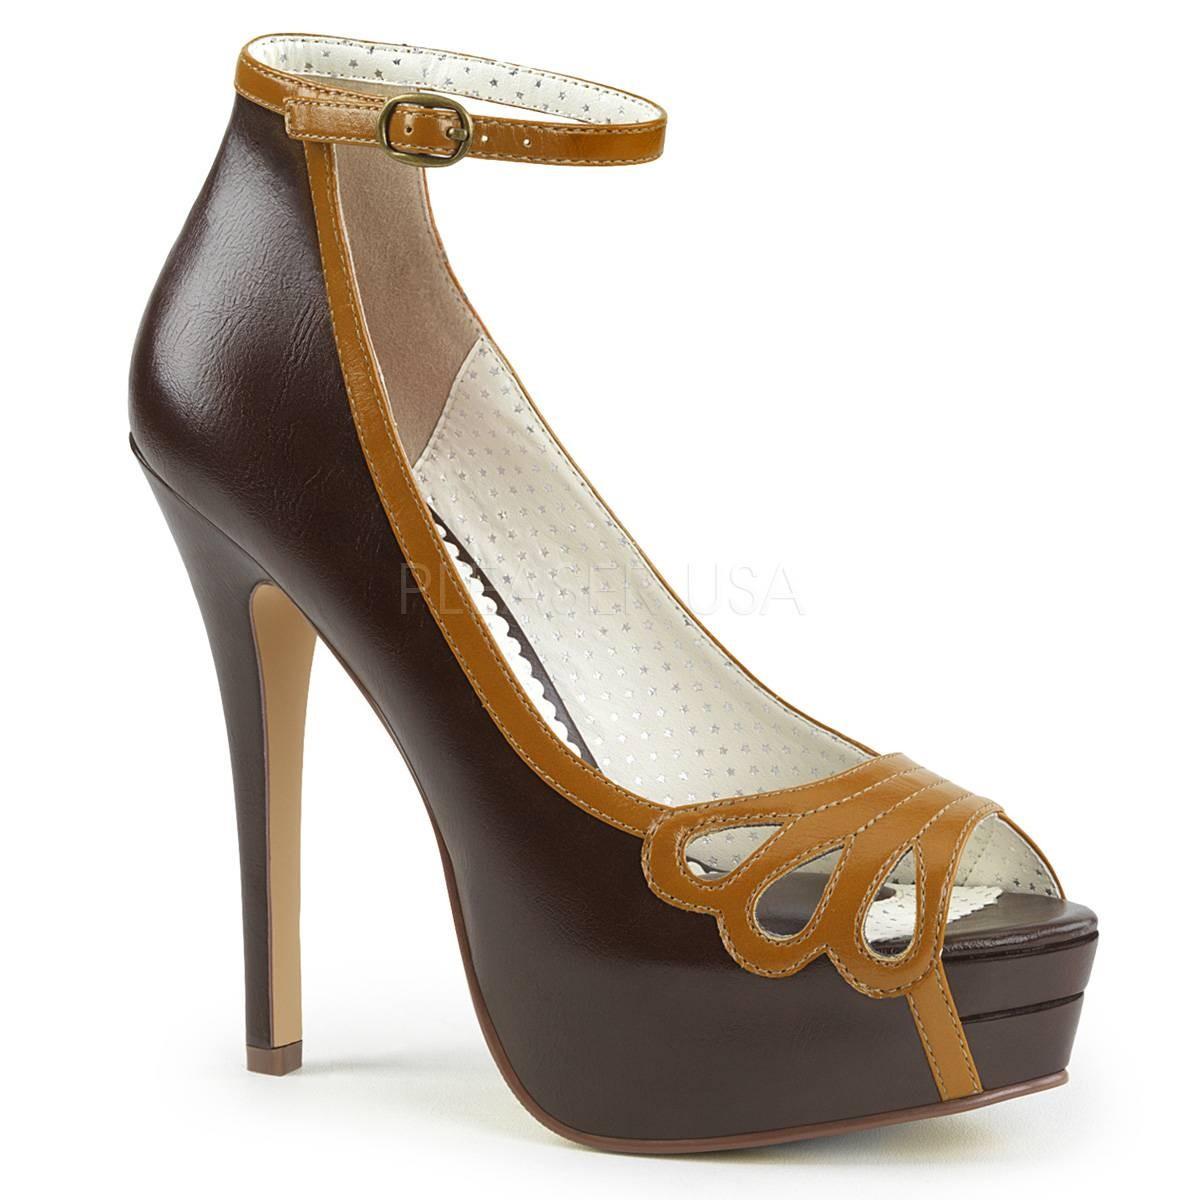 Highheels - BELLA 31 ° Damen Peep Toe ° DunkelbraunMatt ° Pin Up Couture  - Onlineshop RedSixty